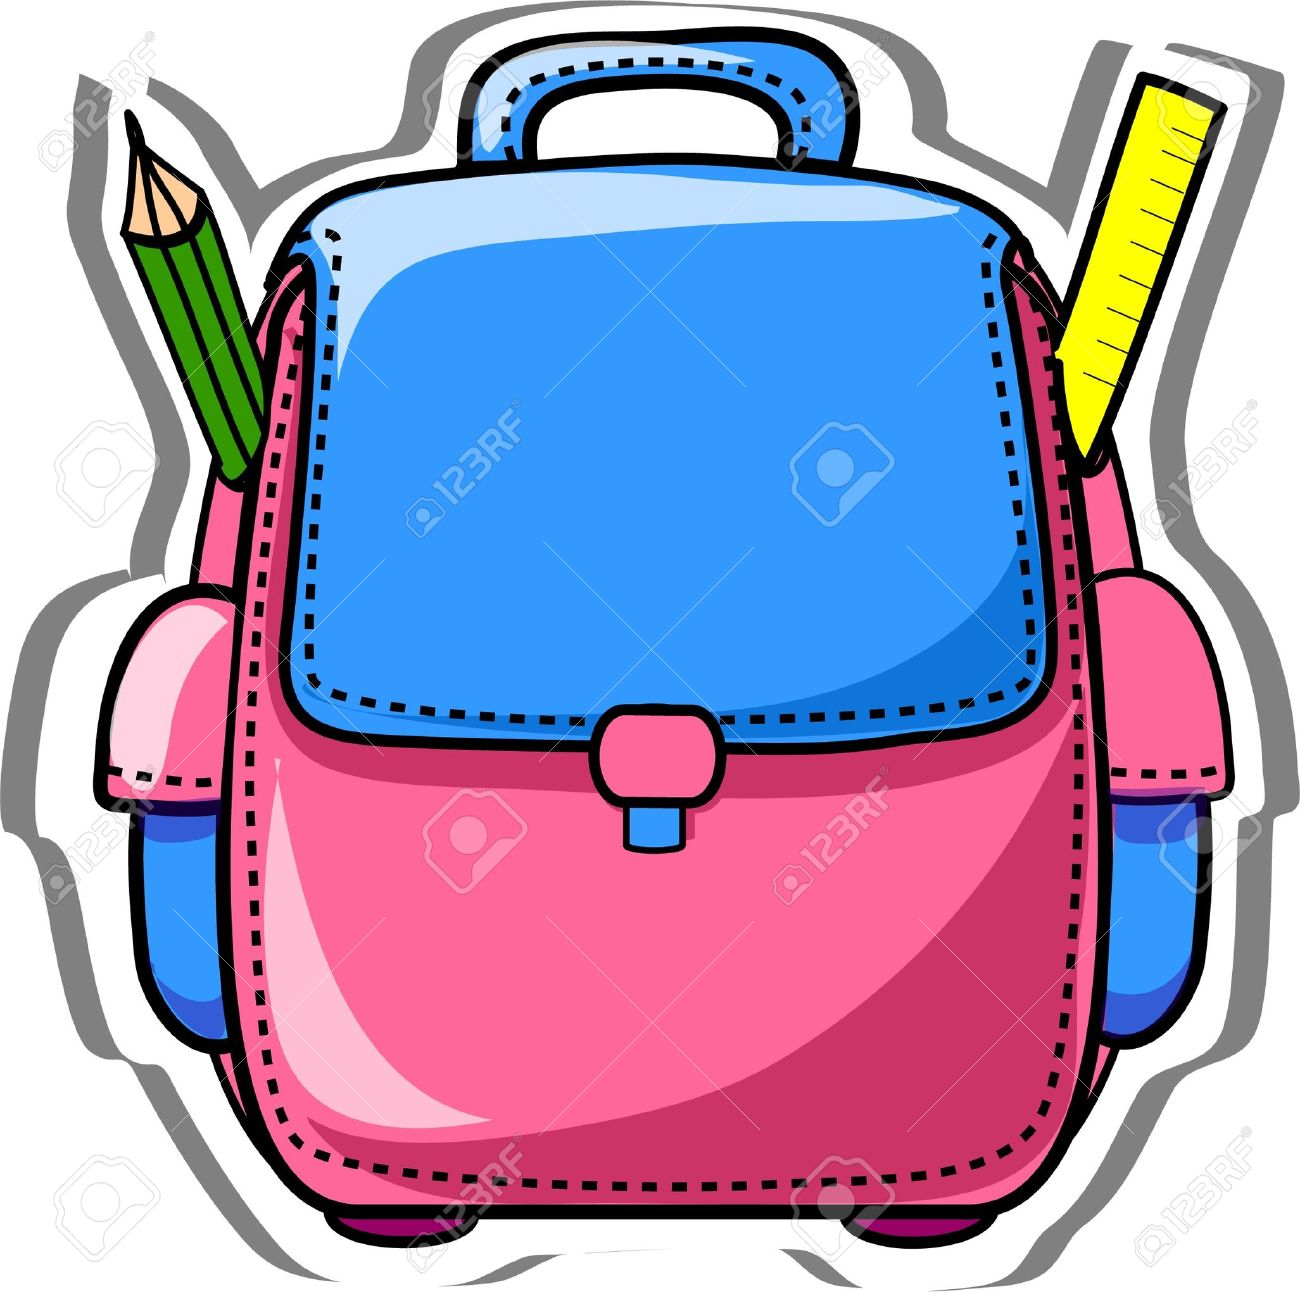 cartoon school bag royalty free cliparts vectors and stock rh 123rf com school bag clipart png school bag clipart